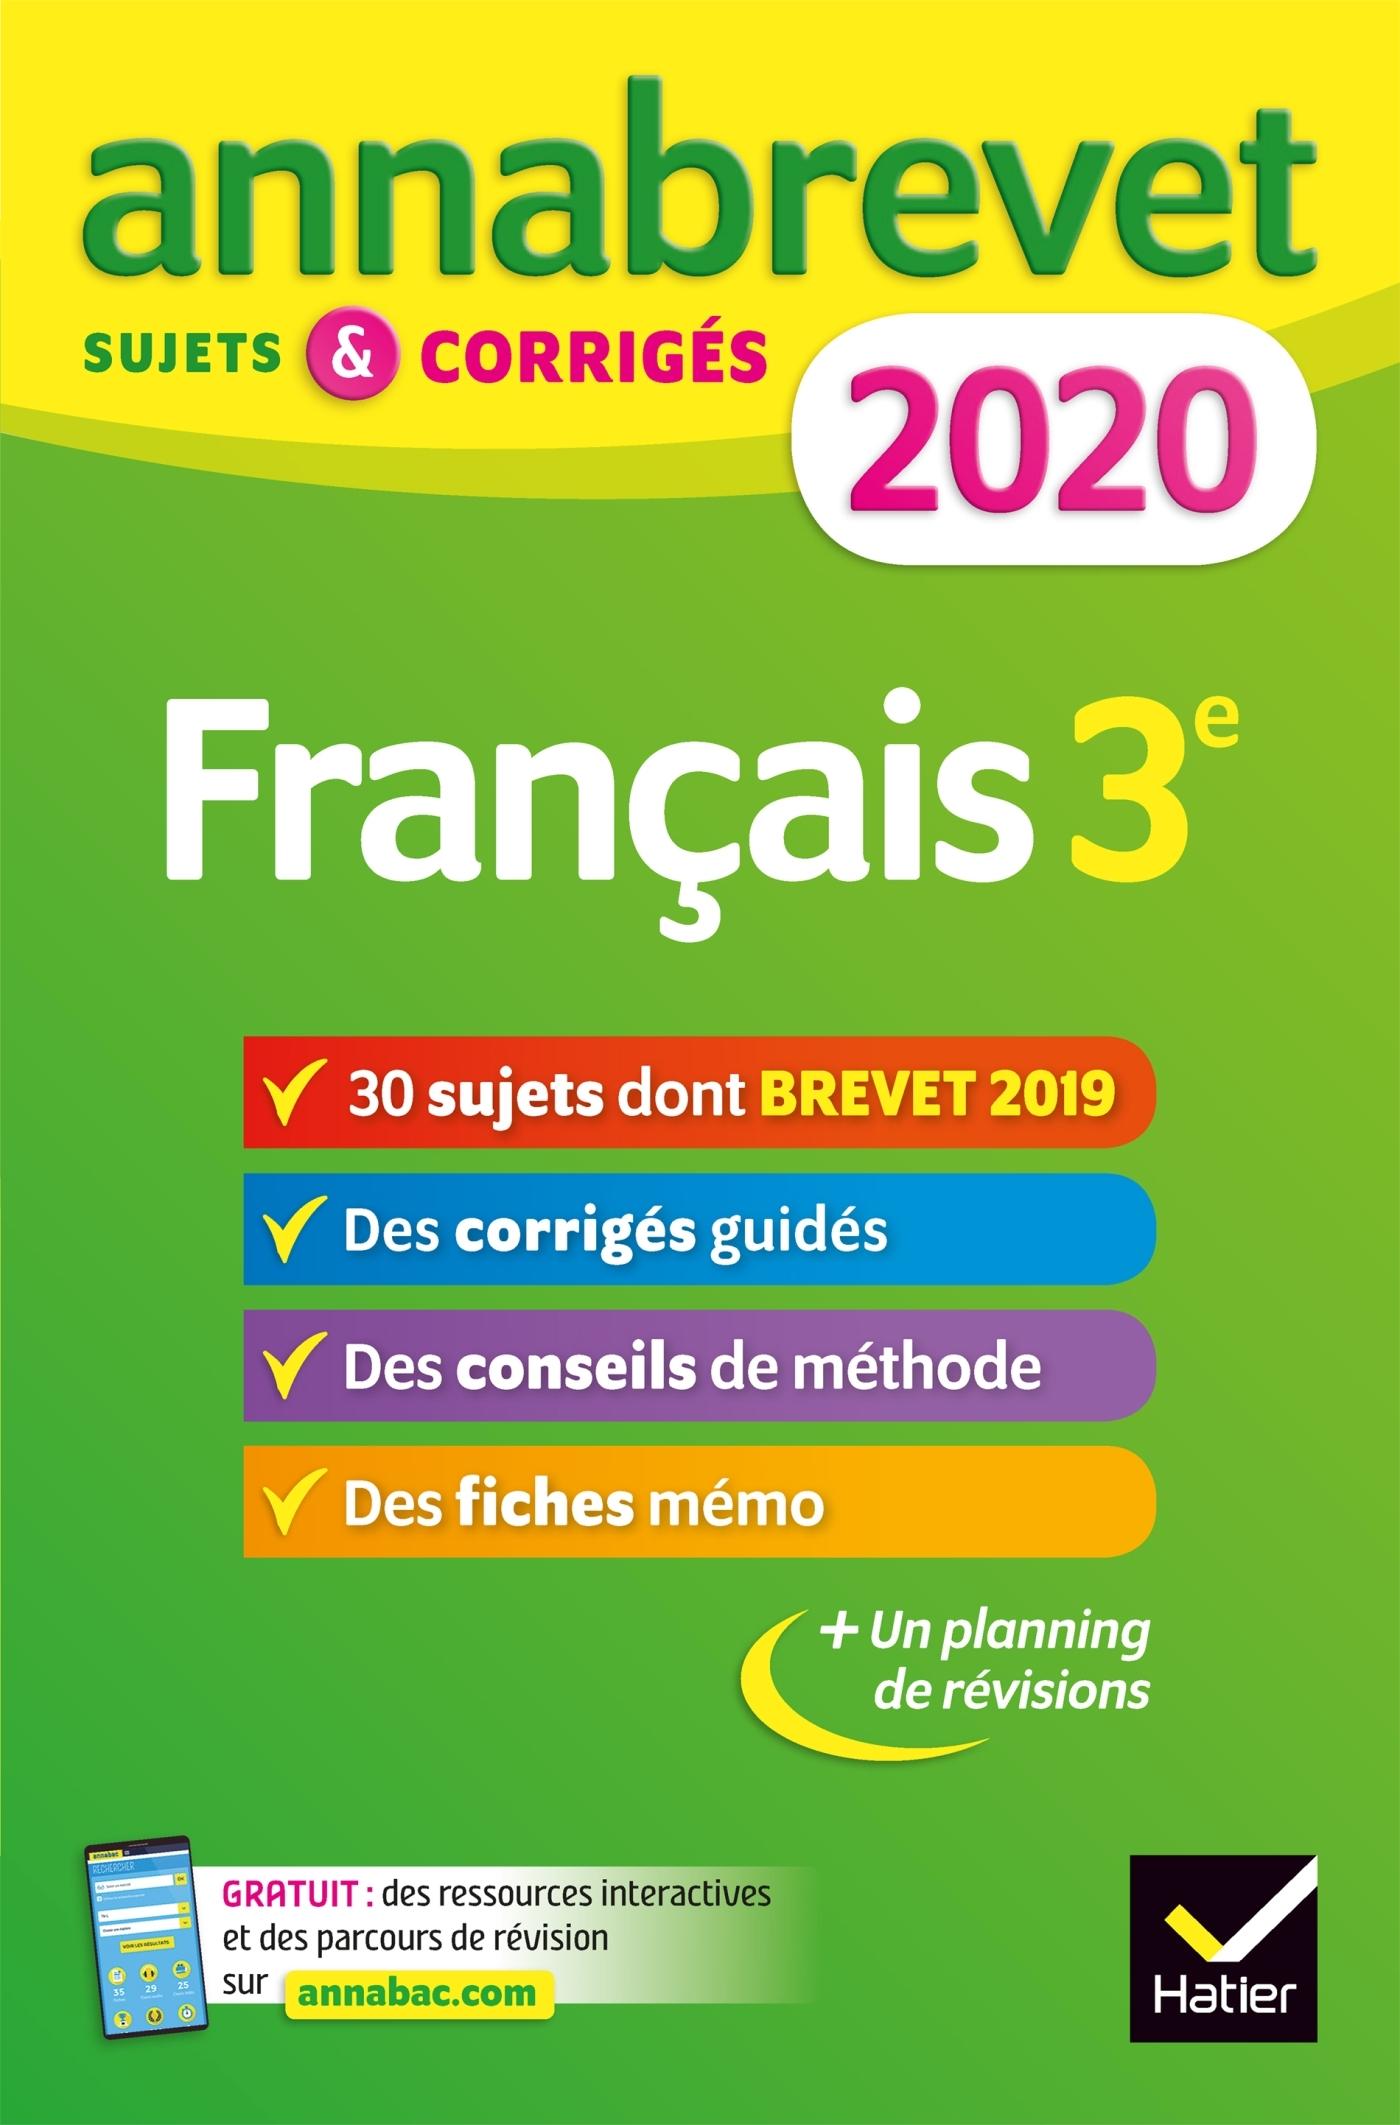 ANNALES DU BREVET ANNABREVET 2020 FRANCAIS 3E - 26 SUJETS CORRIGES (QUESTIONS, DICTEE, REDACTI